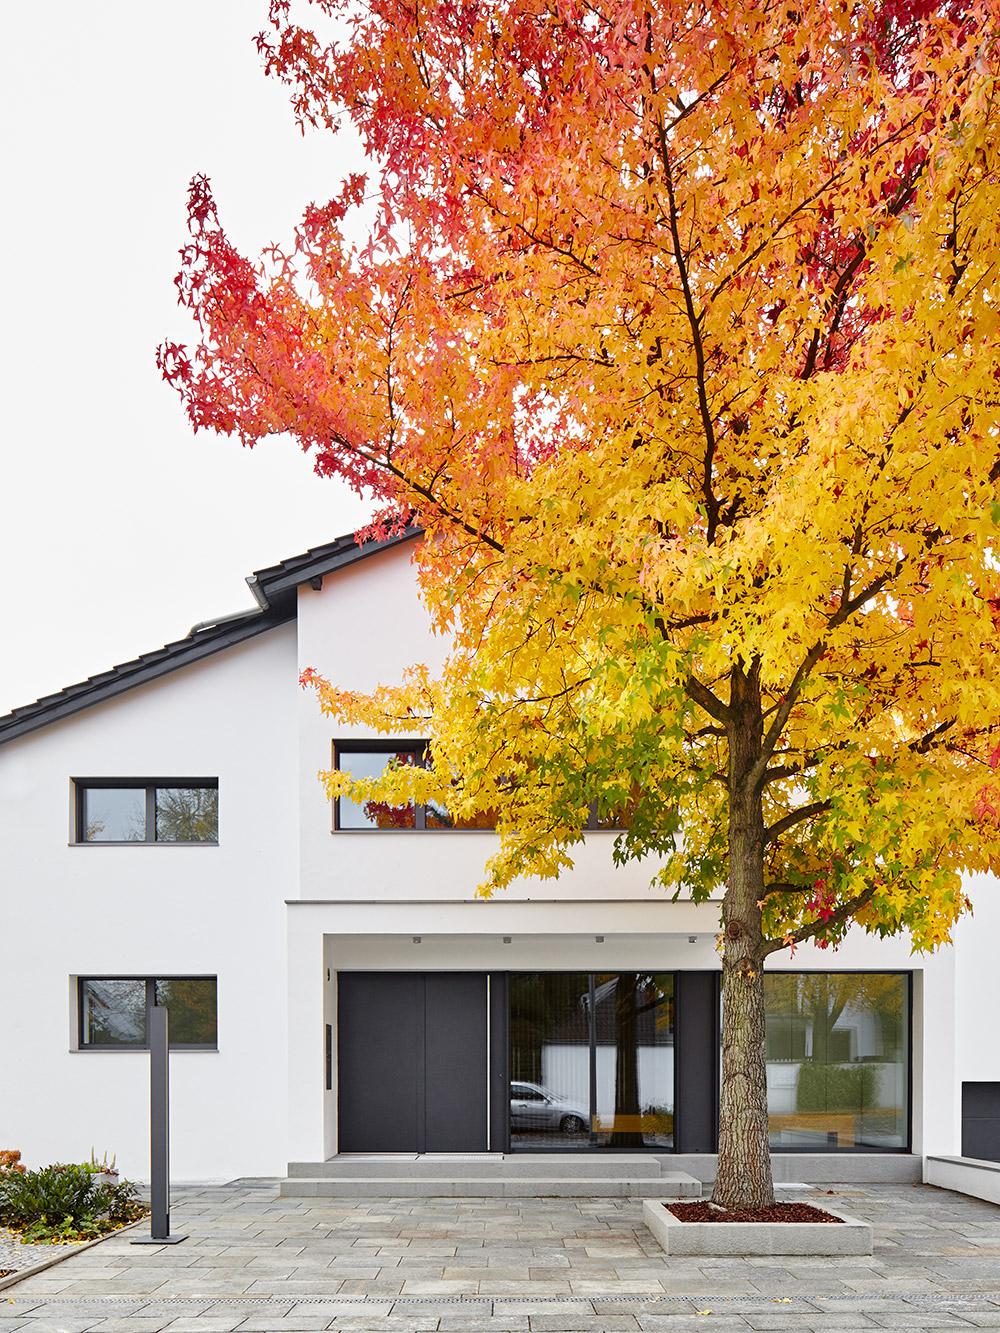 Haus S in Köln für Benjamin von Pidoll © Philip Kistner